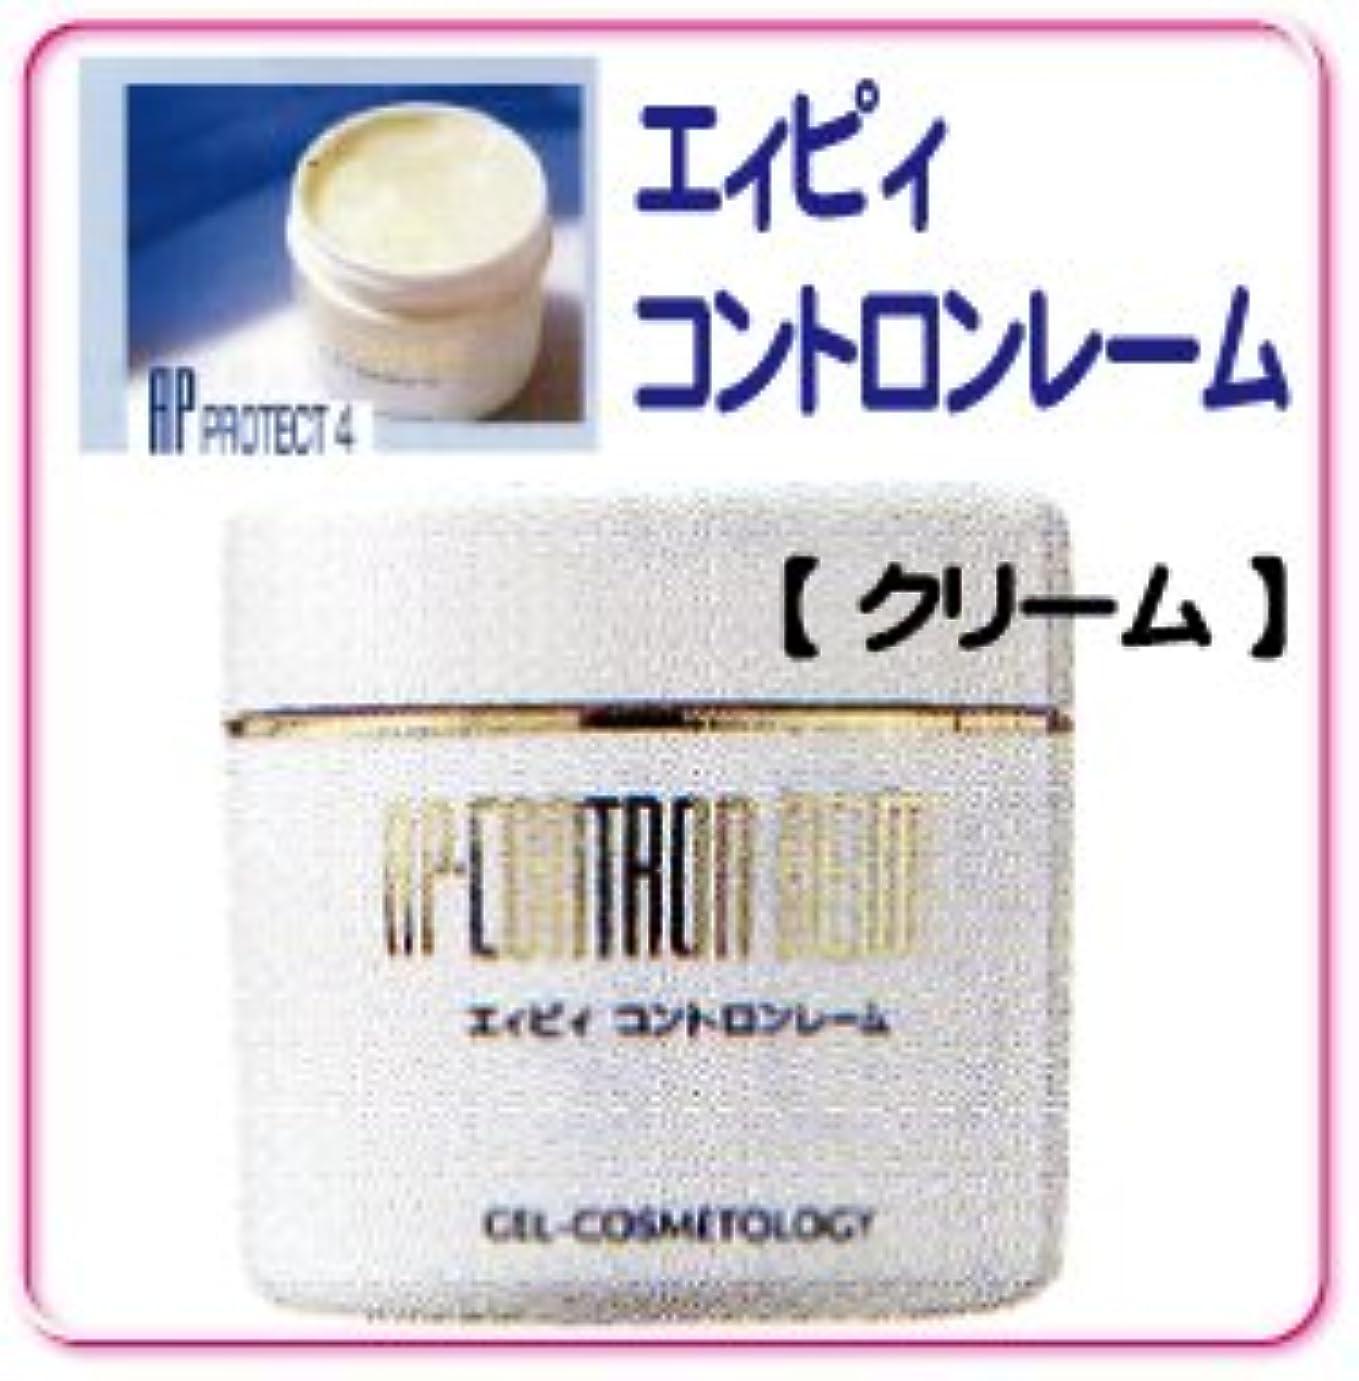 直径未亡人修道院ベルマン化粧品 APprotectシリーズ  コントロンレーム  敏感肌用クリーム 110g